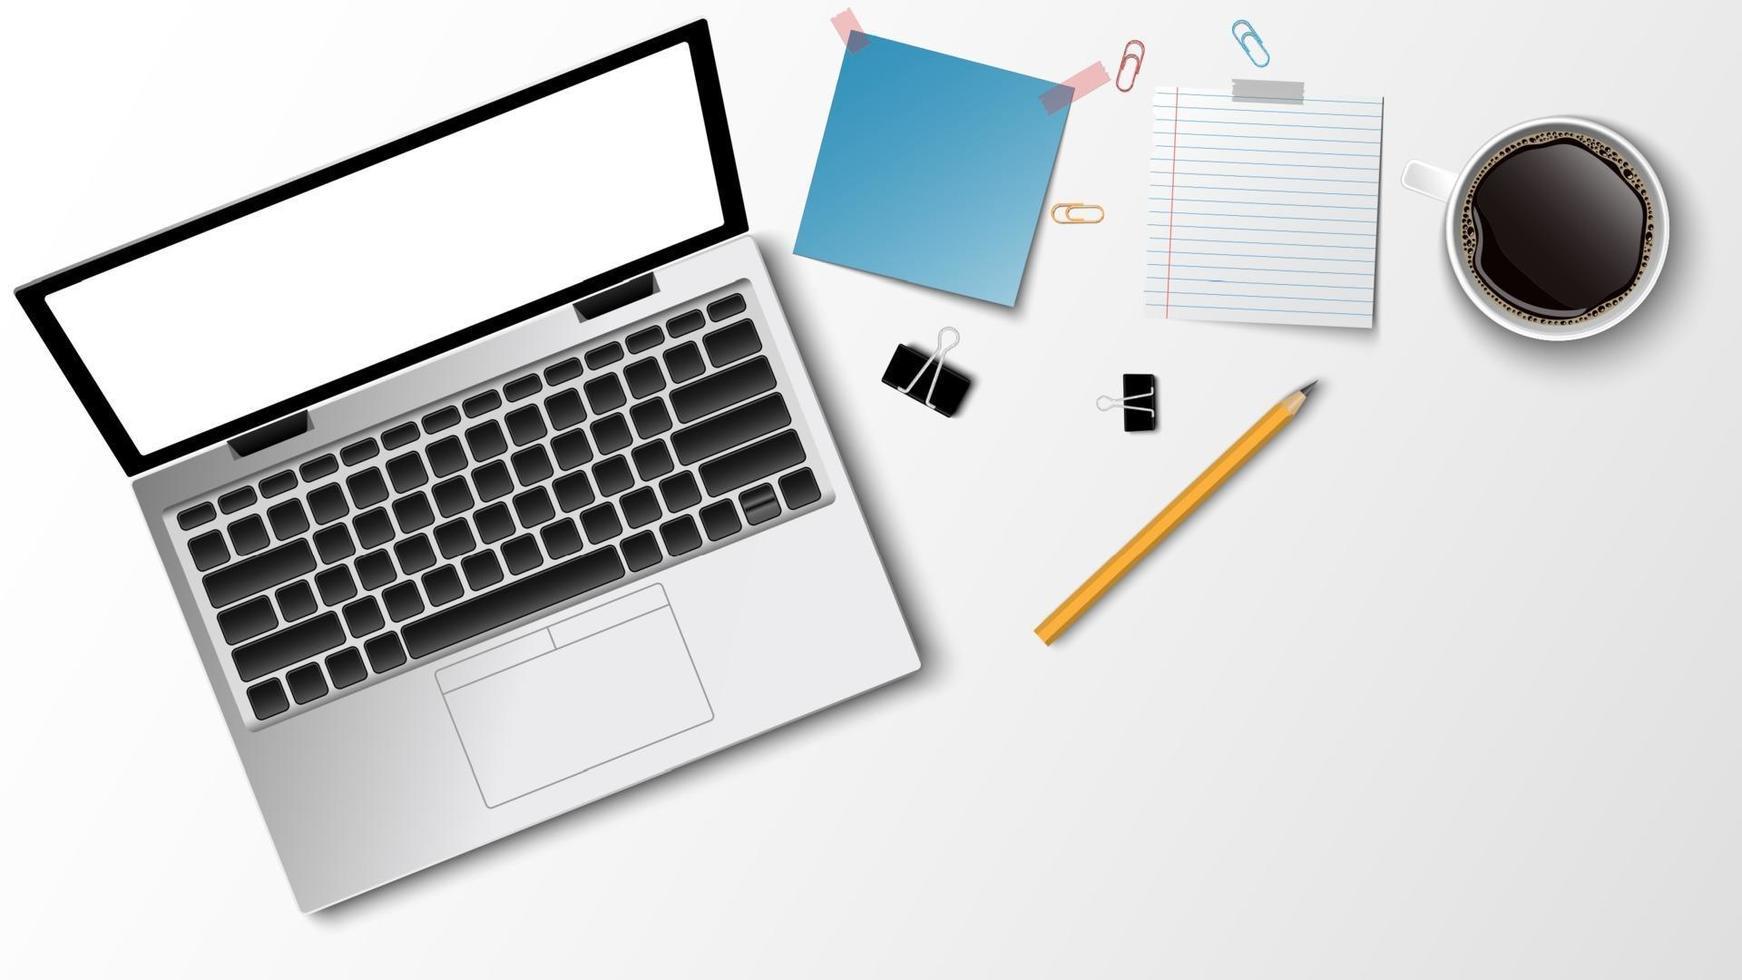 Vista superior del lugar de trabajo moderno, lápiz de nota de papel de café portátil sobre el fondo blanco y espacio para copiar texto, concepto de negocio, ilustración vectorial vector